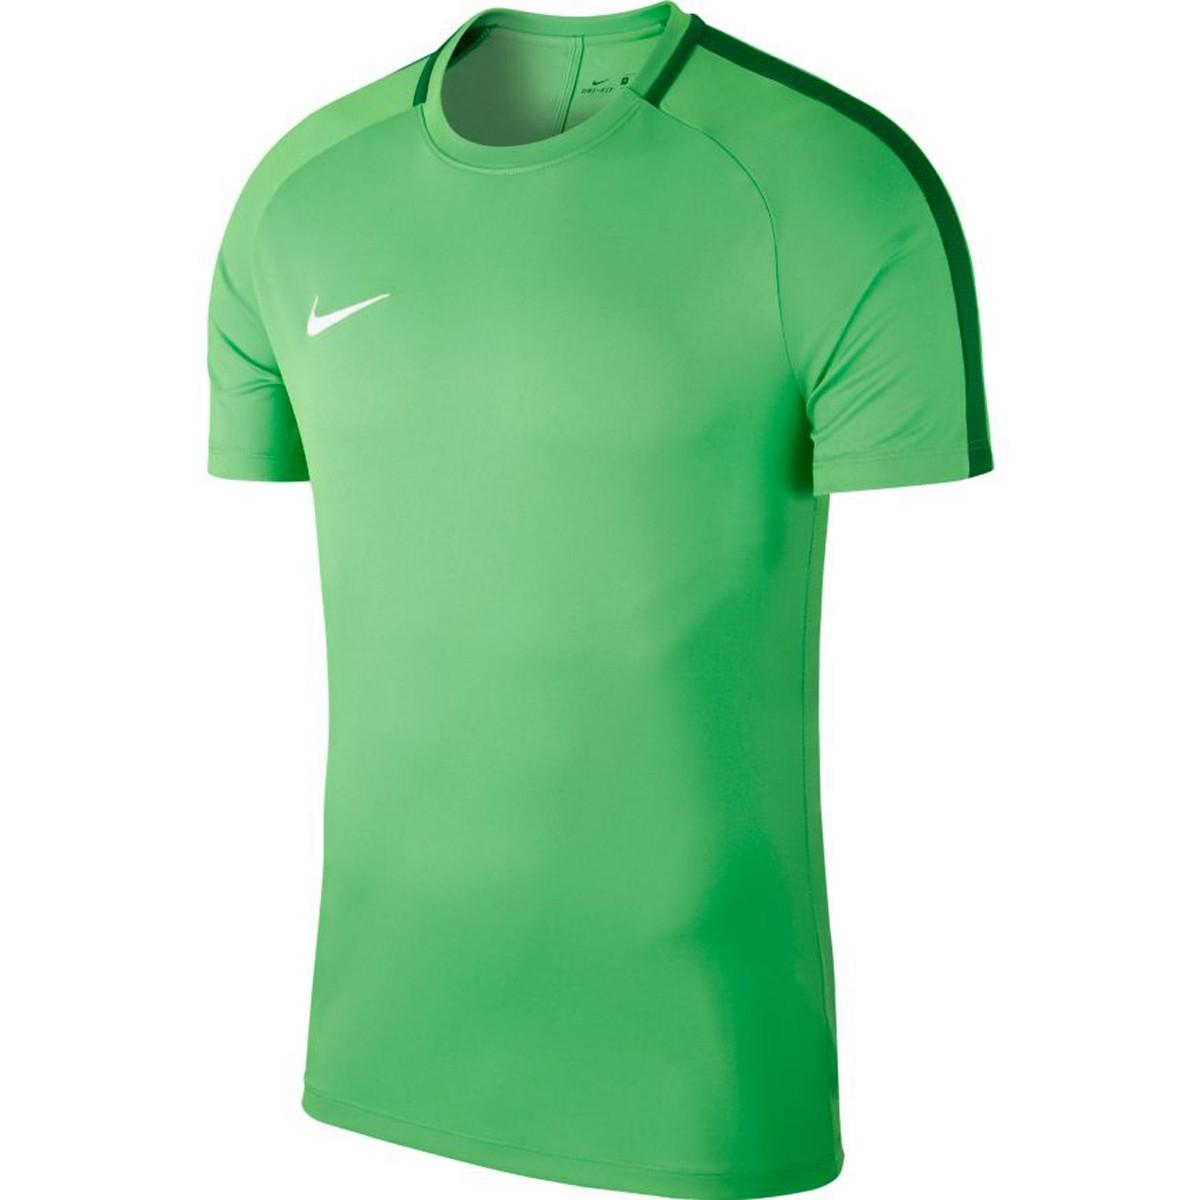 Nike Academy 18 Trainingsoberteil grün, M Unisex